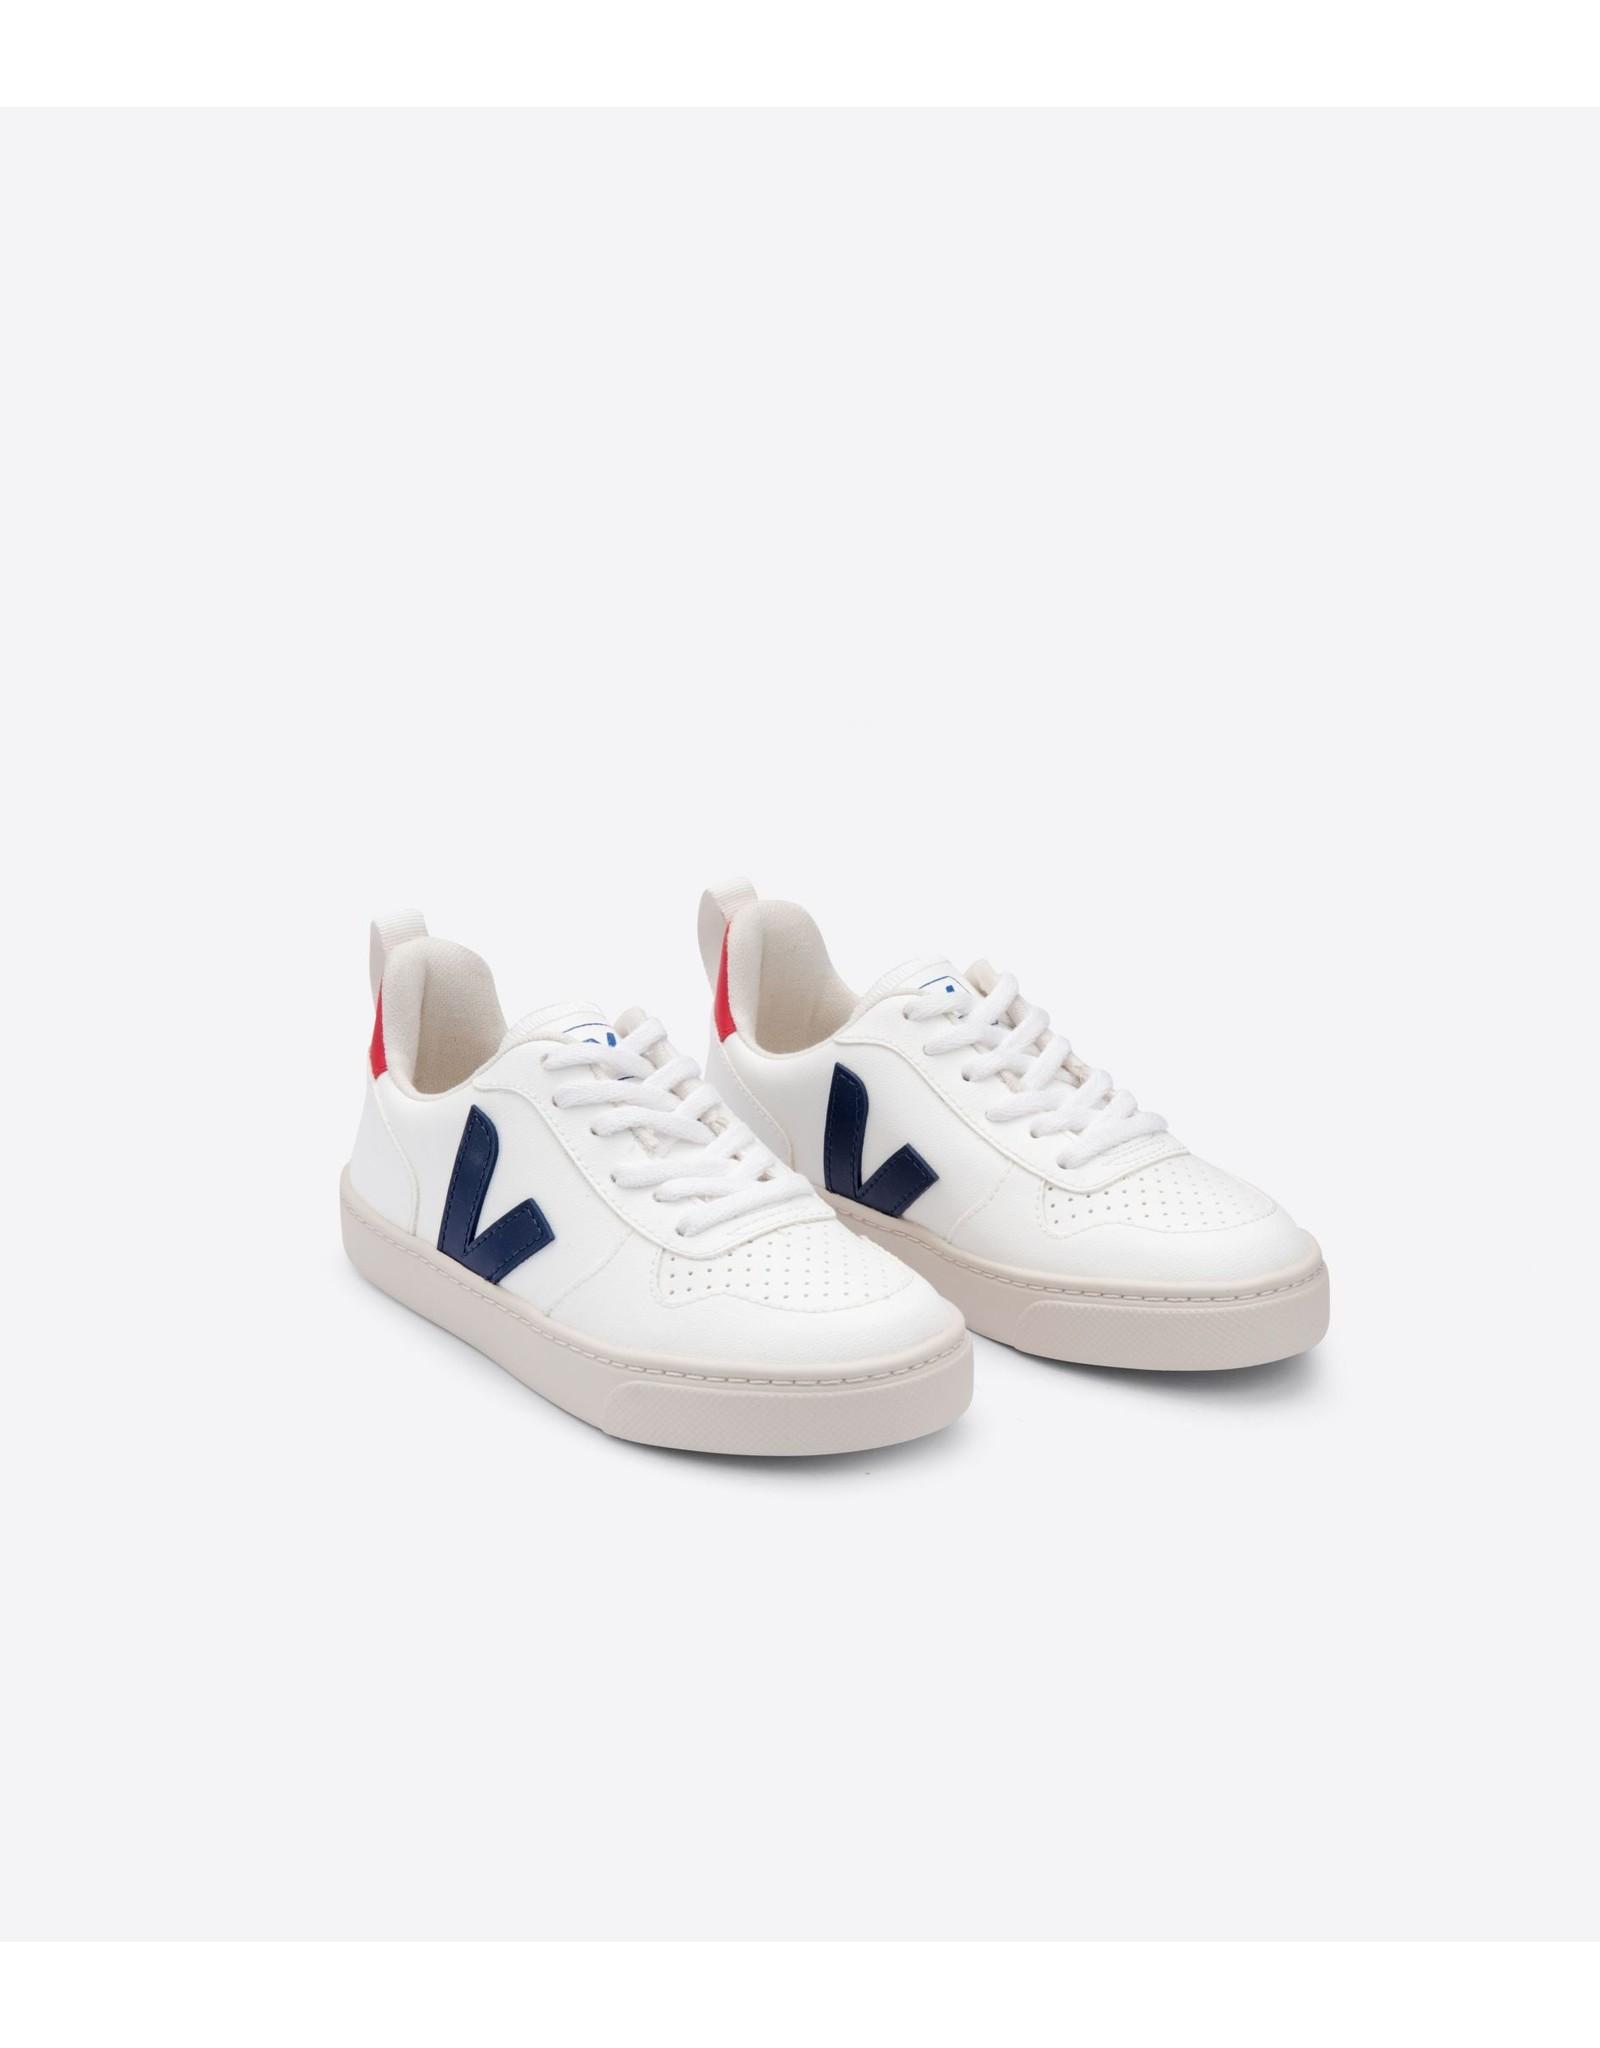 VEJA VEJA CXL072570 laces white